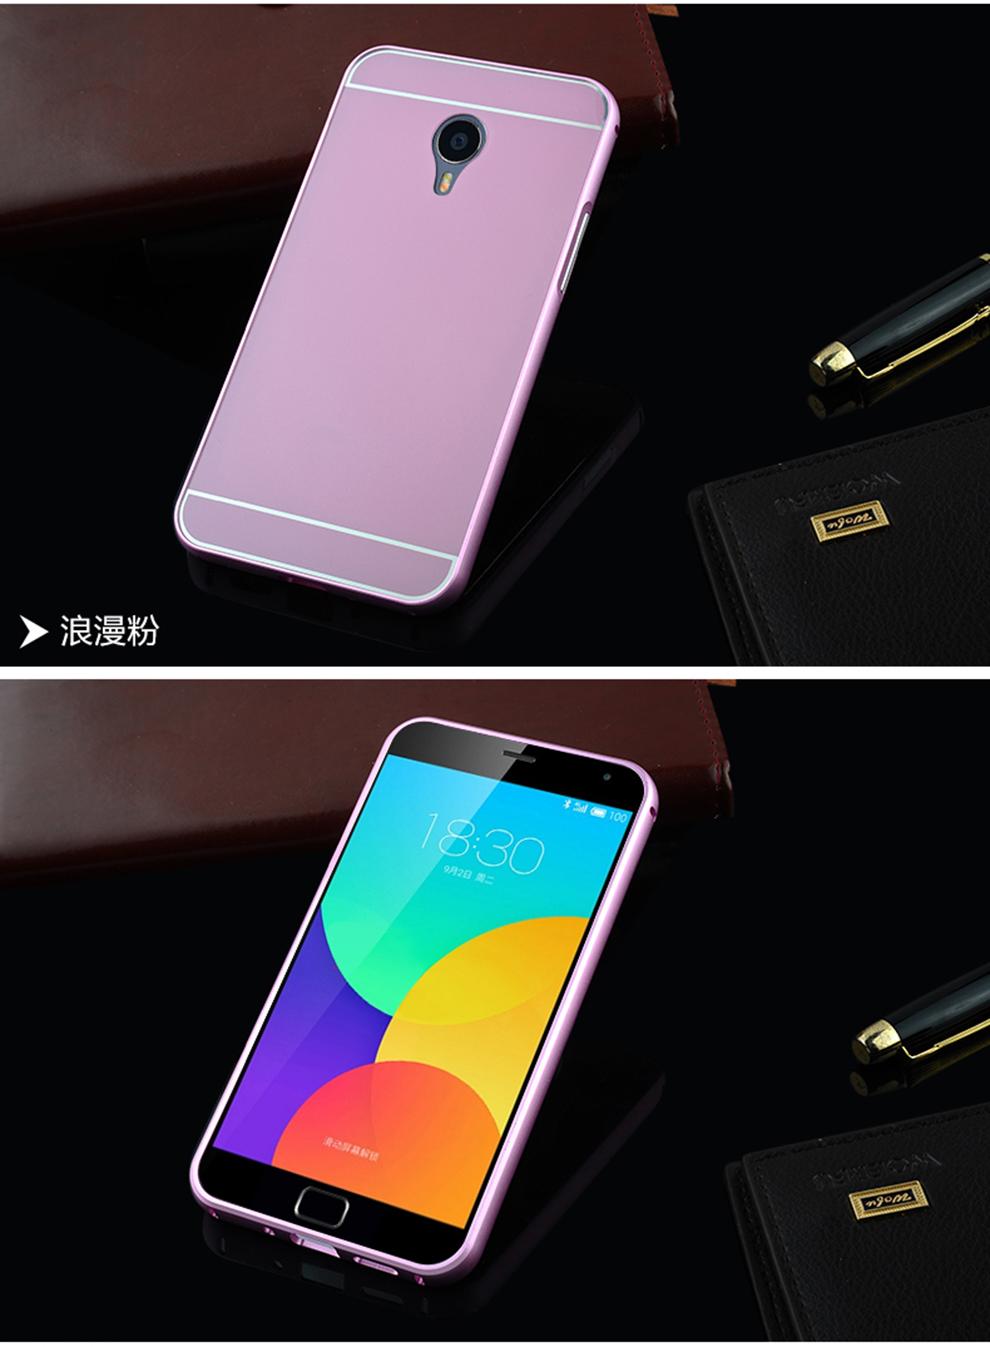 索云 手机壳金属边框后盖保护套 适用于乐视超级手机乐1/乐1pro/乐max